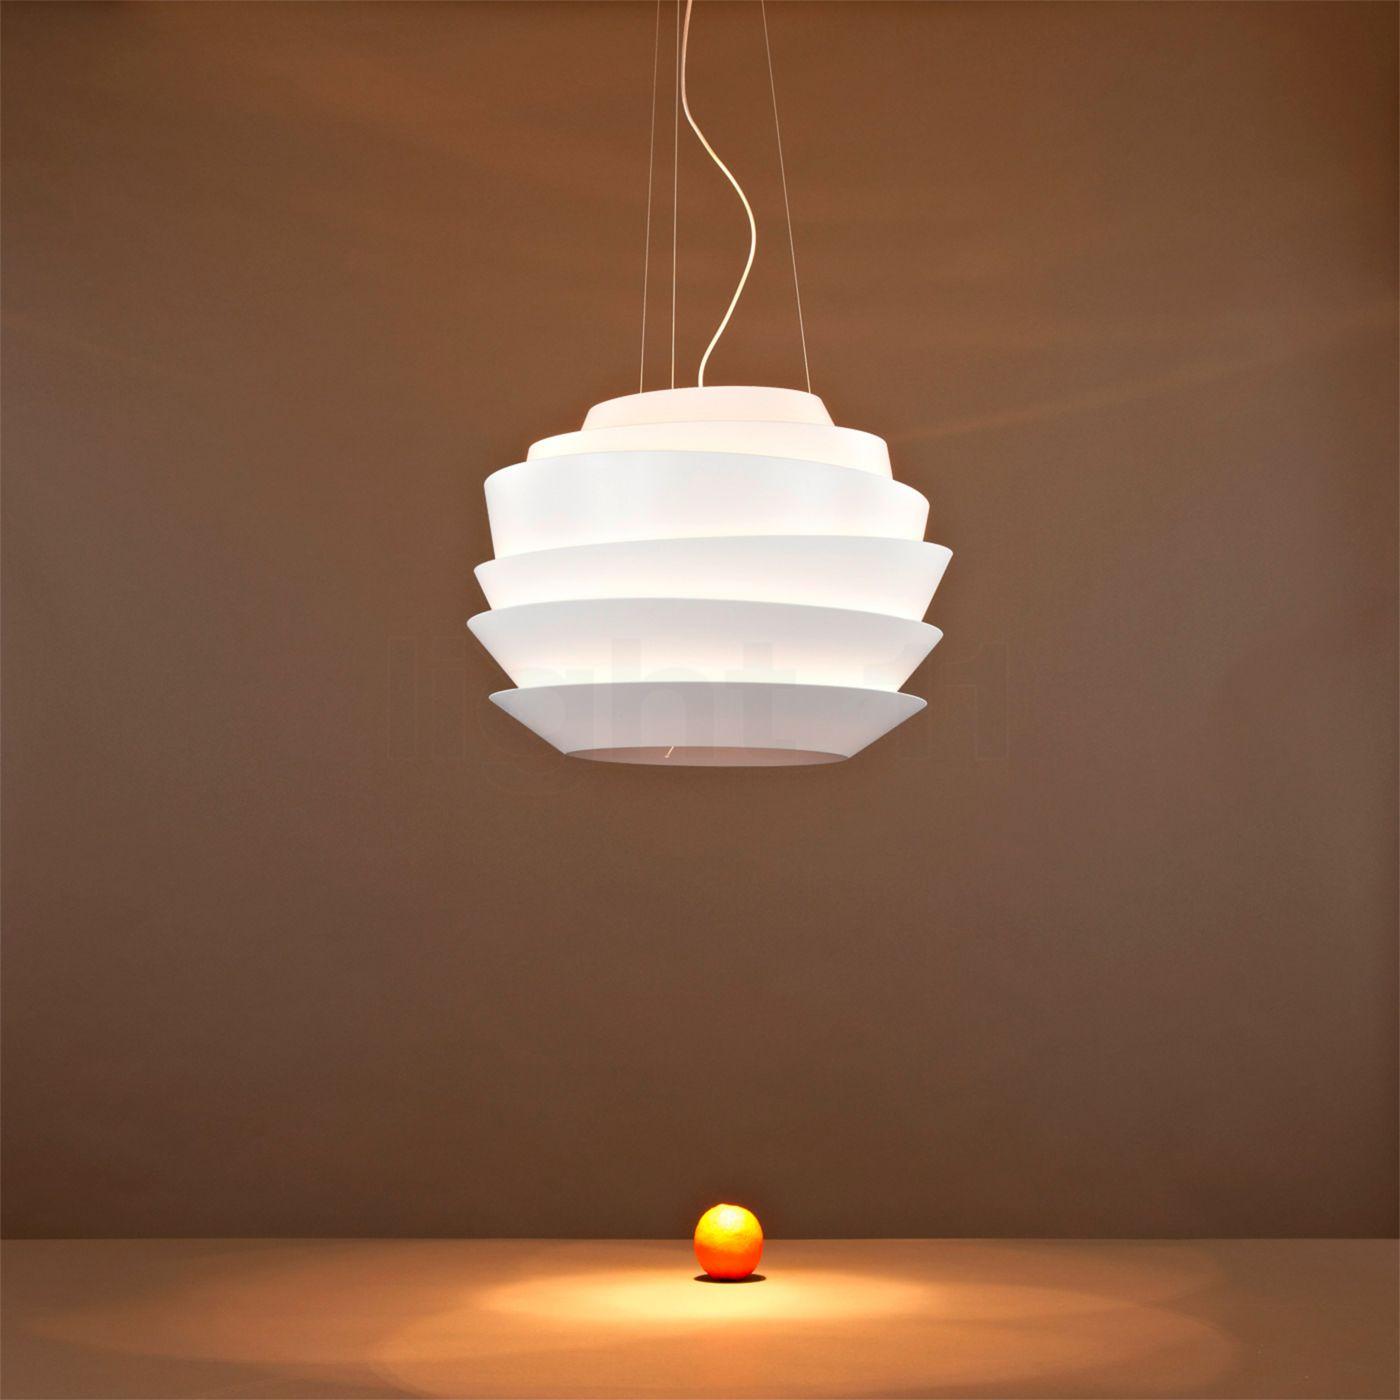 Foscarini Le Soleil Sospensione Pendant lights - light11.eu